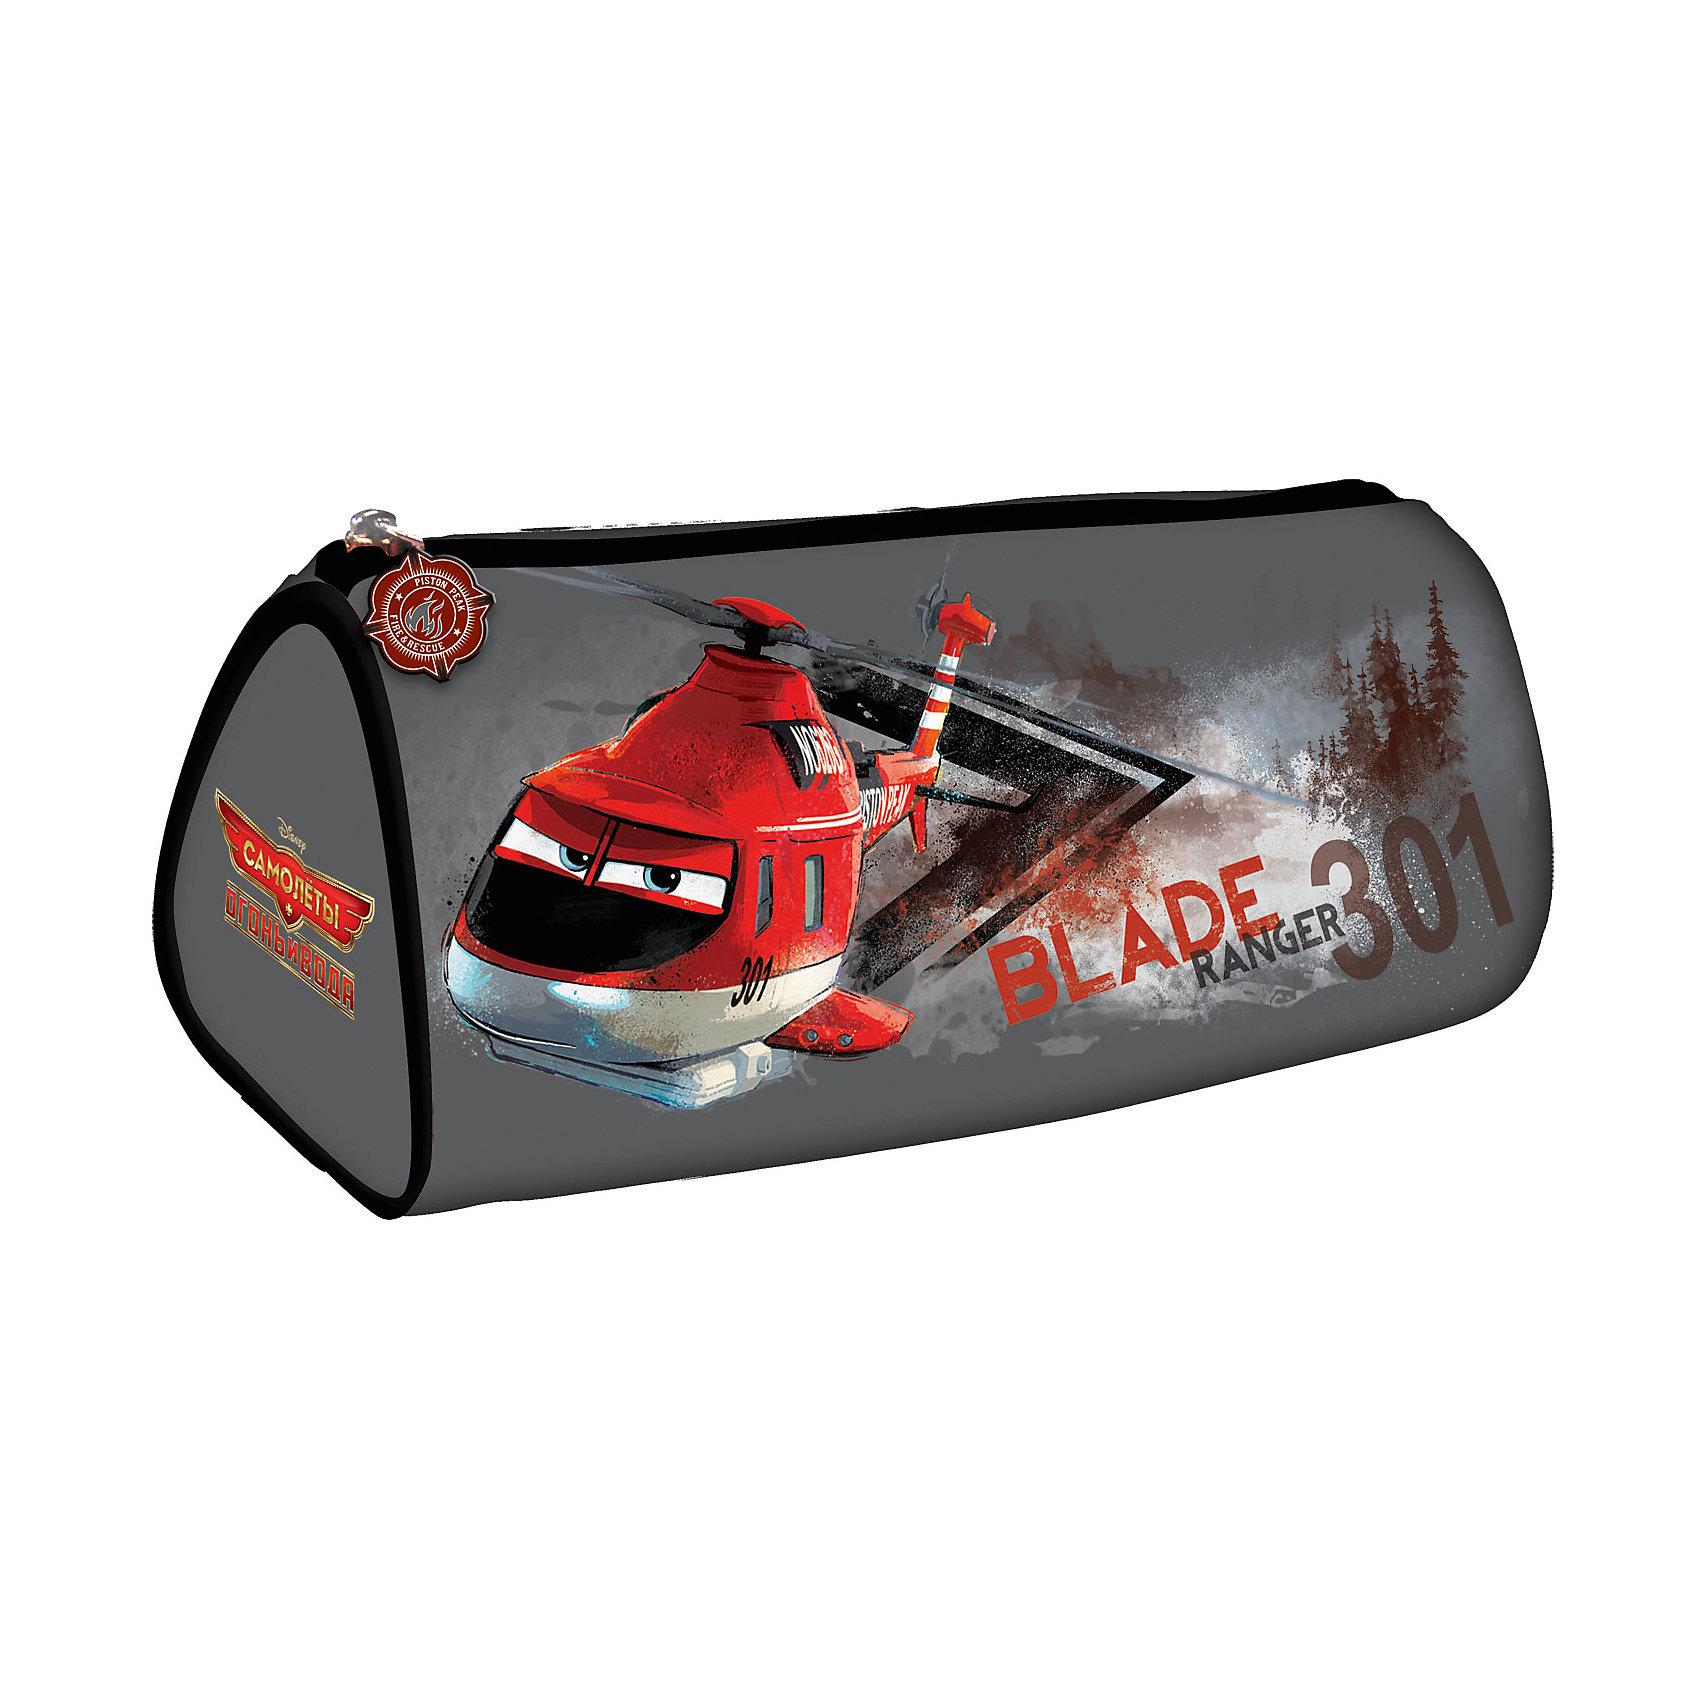 Пенал-тубус, Disney СамолетыСамолеты<br>Пенал-тубус, Disney (Дисней) Самолеты предназначен для хранения ручек, линеек, карандашей и прочих канцелярских принадлежностей. Он выполнен из высококачественного влаго- и износостойкого полиэстера и оформлен по мотивам диснеевского мультфильма «Самолеты». Пенал состоит из одного вместительного отделения, закрывающегося на застежку-молнию. Бегунок на застежке дополнен удобным прорезиненным держателем. <br><br>Материал: Дополнительная информация:<br>-Серия: Самолеты, Дисней<br>-Материалы: износостойкий полиэстер<br>-Вес: 45 г<br>-Размеры (ДхШхВ): 70х210х70 мм<br><br>Пенал-тубус станет незаменимым аксессуаром для канцелярских принадлежностей, которые могут понадобиться ребенку во время уроков. <br><br>Пенал-тубус, Disney (Дисней) Самолеты можно купить в нашем магазине.<br><br>Ширина мм: 70<br>Глубина мм: 210<br>Высота мм: 70<br>Вес г: 45<br>Возраст от месяцев: 48<br>Возраст до месяцев: 144<br>Пол: Мужской<br>Возраст: Детский<br>SKU: 4014032